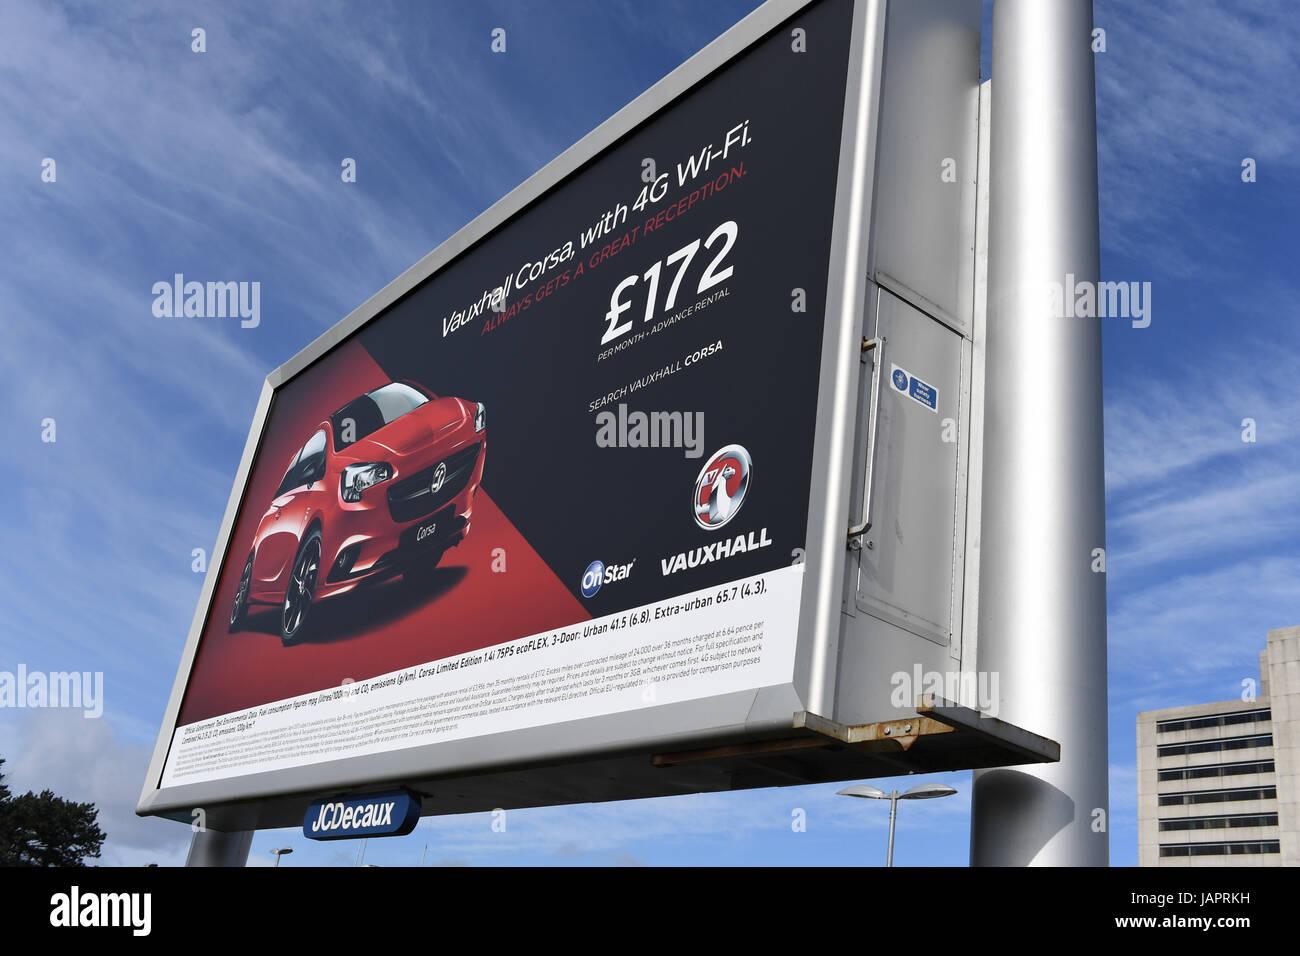 Publicidad Electrónica de la placa de la pantalla con un Vauxhall Corsa anuncio Imagen De Stock